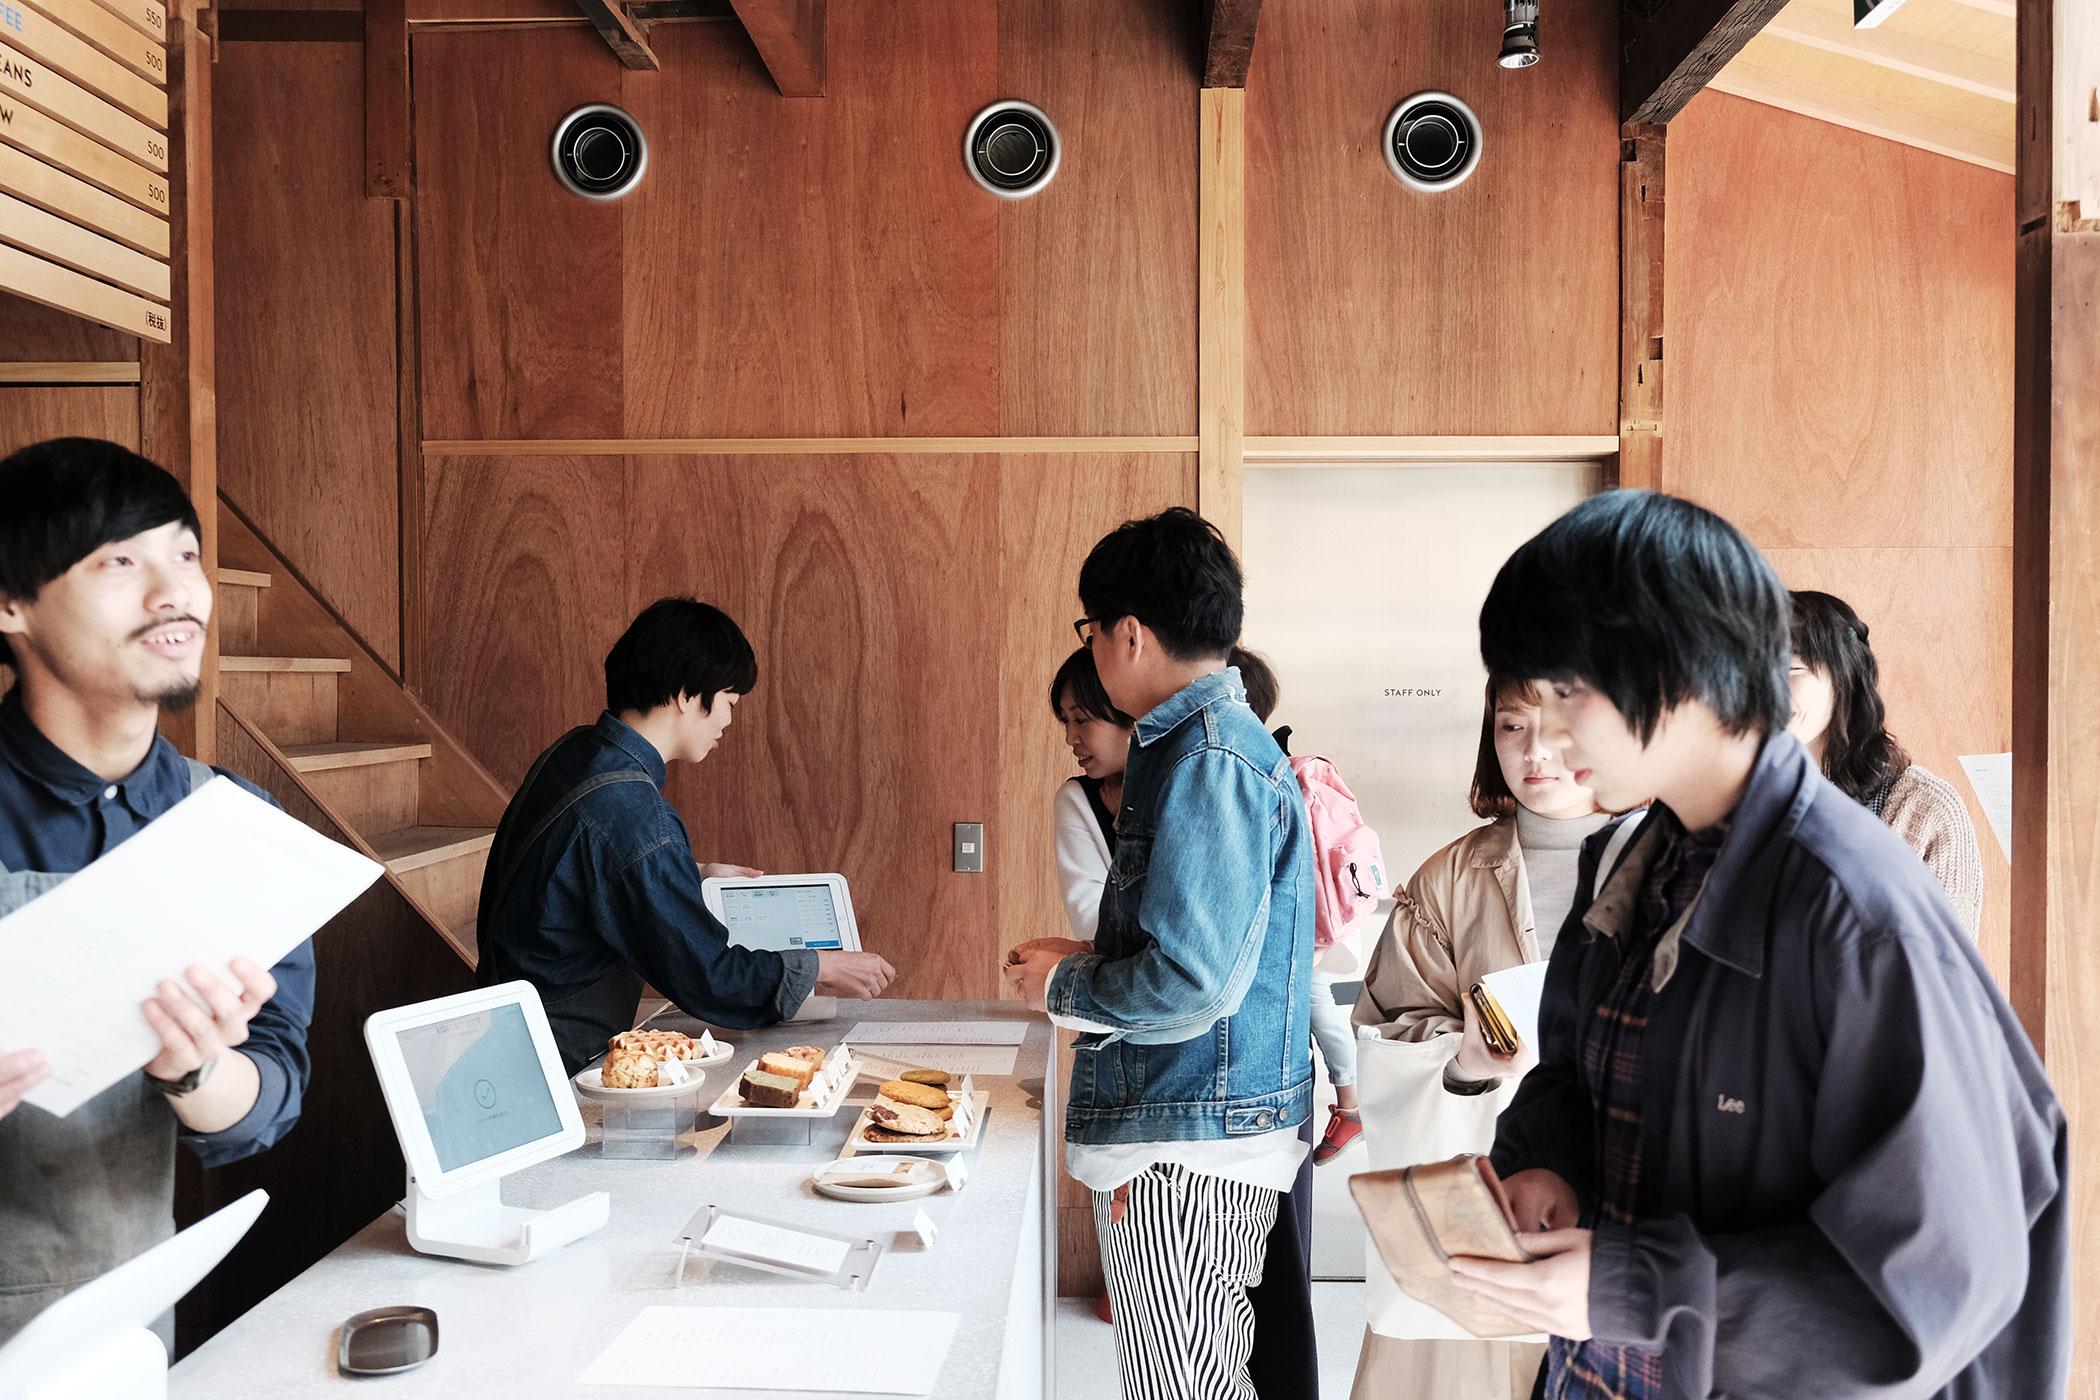 待望の初出店!ブルーボトルコーヒーの関西第一号は京都の南禅寺に ブルーボトルコーヒー 京都カフェ (BLUE BOTTLE COFFEE KYOTO) レジカウンター